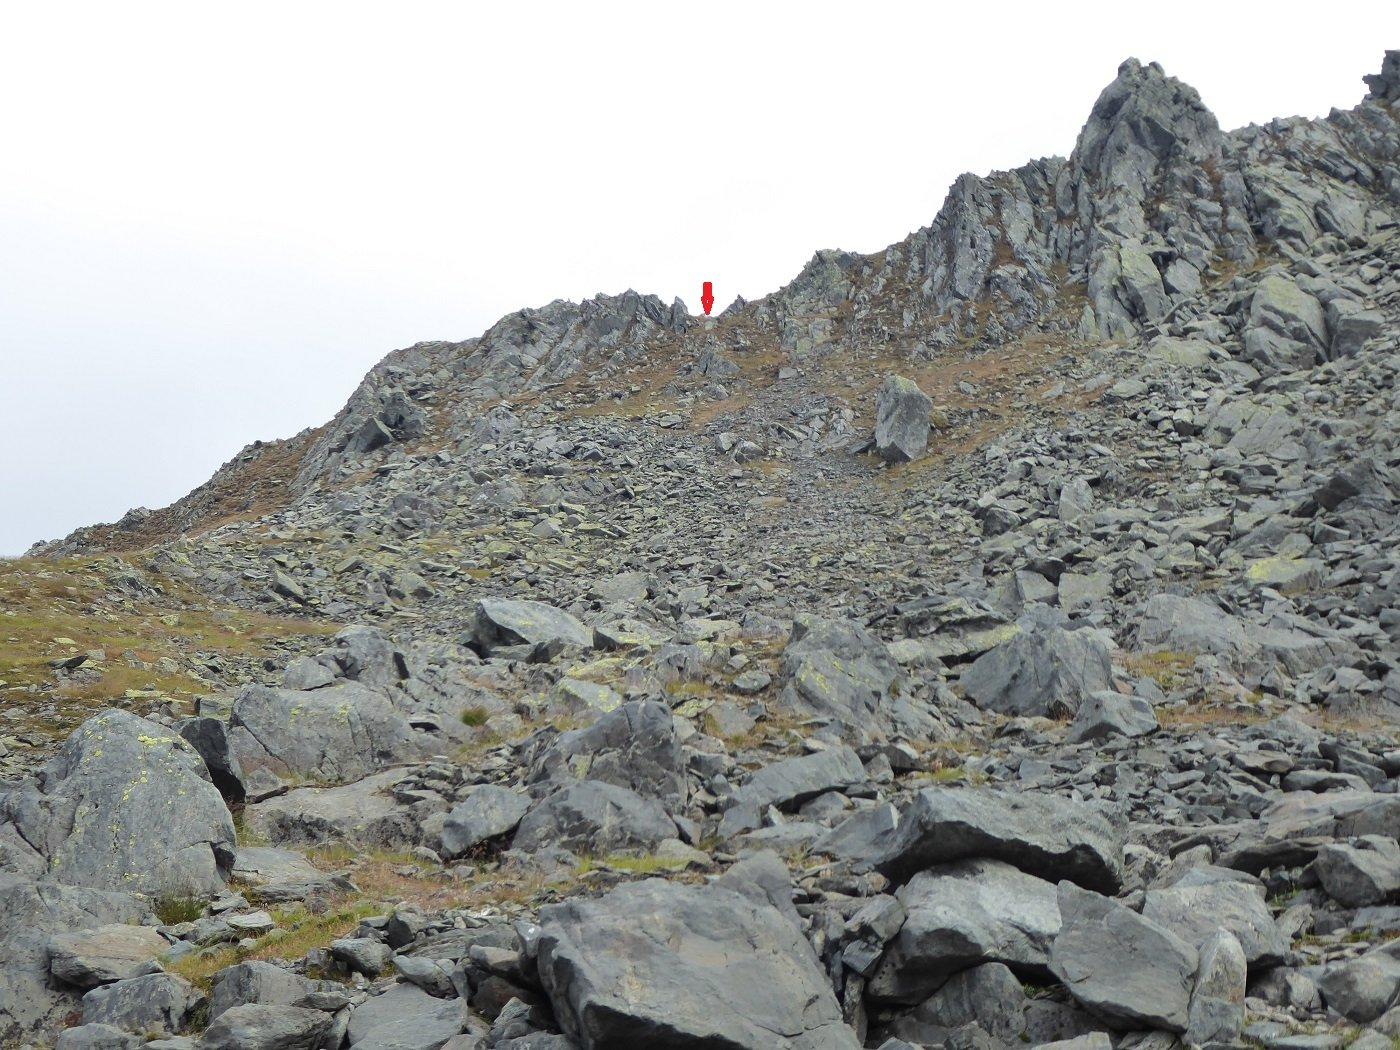 Il colletto (freccia rossa) da cui inizia il percorso della cresta.